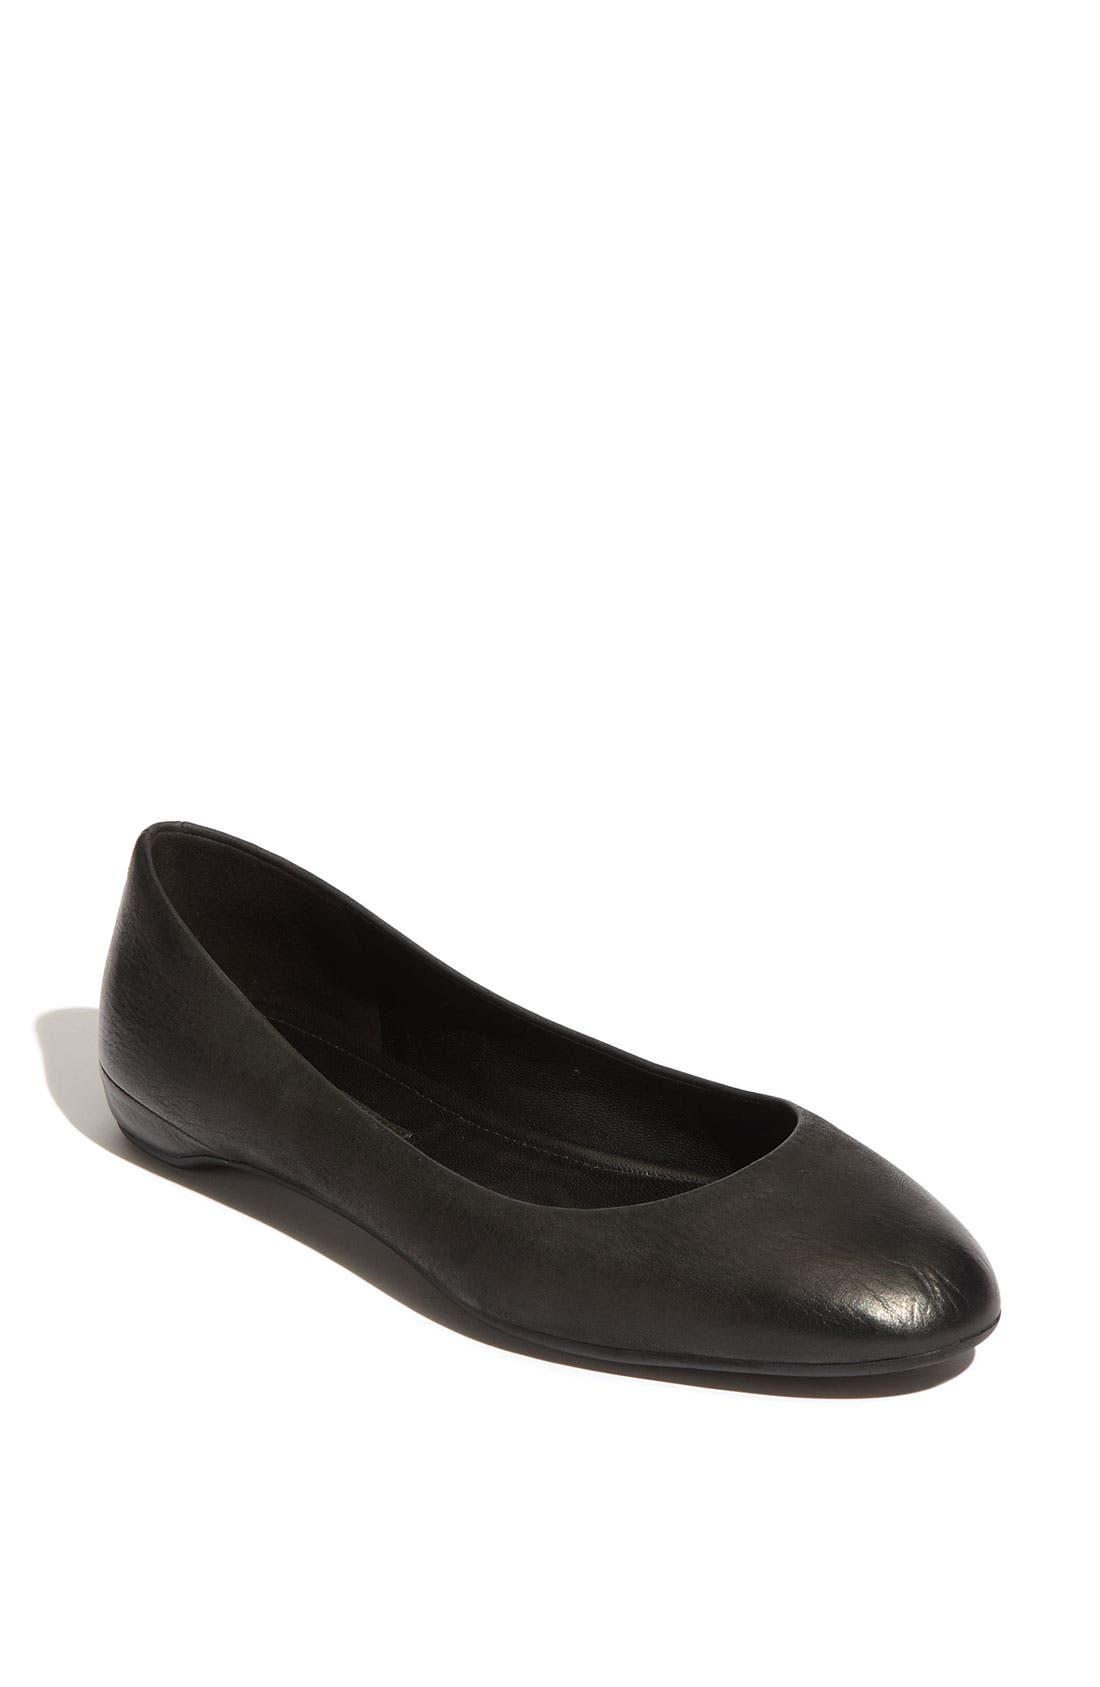 Main Image - ECCO 'Mary' Ballerina Flat